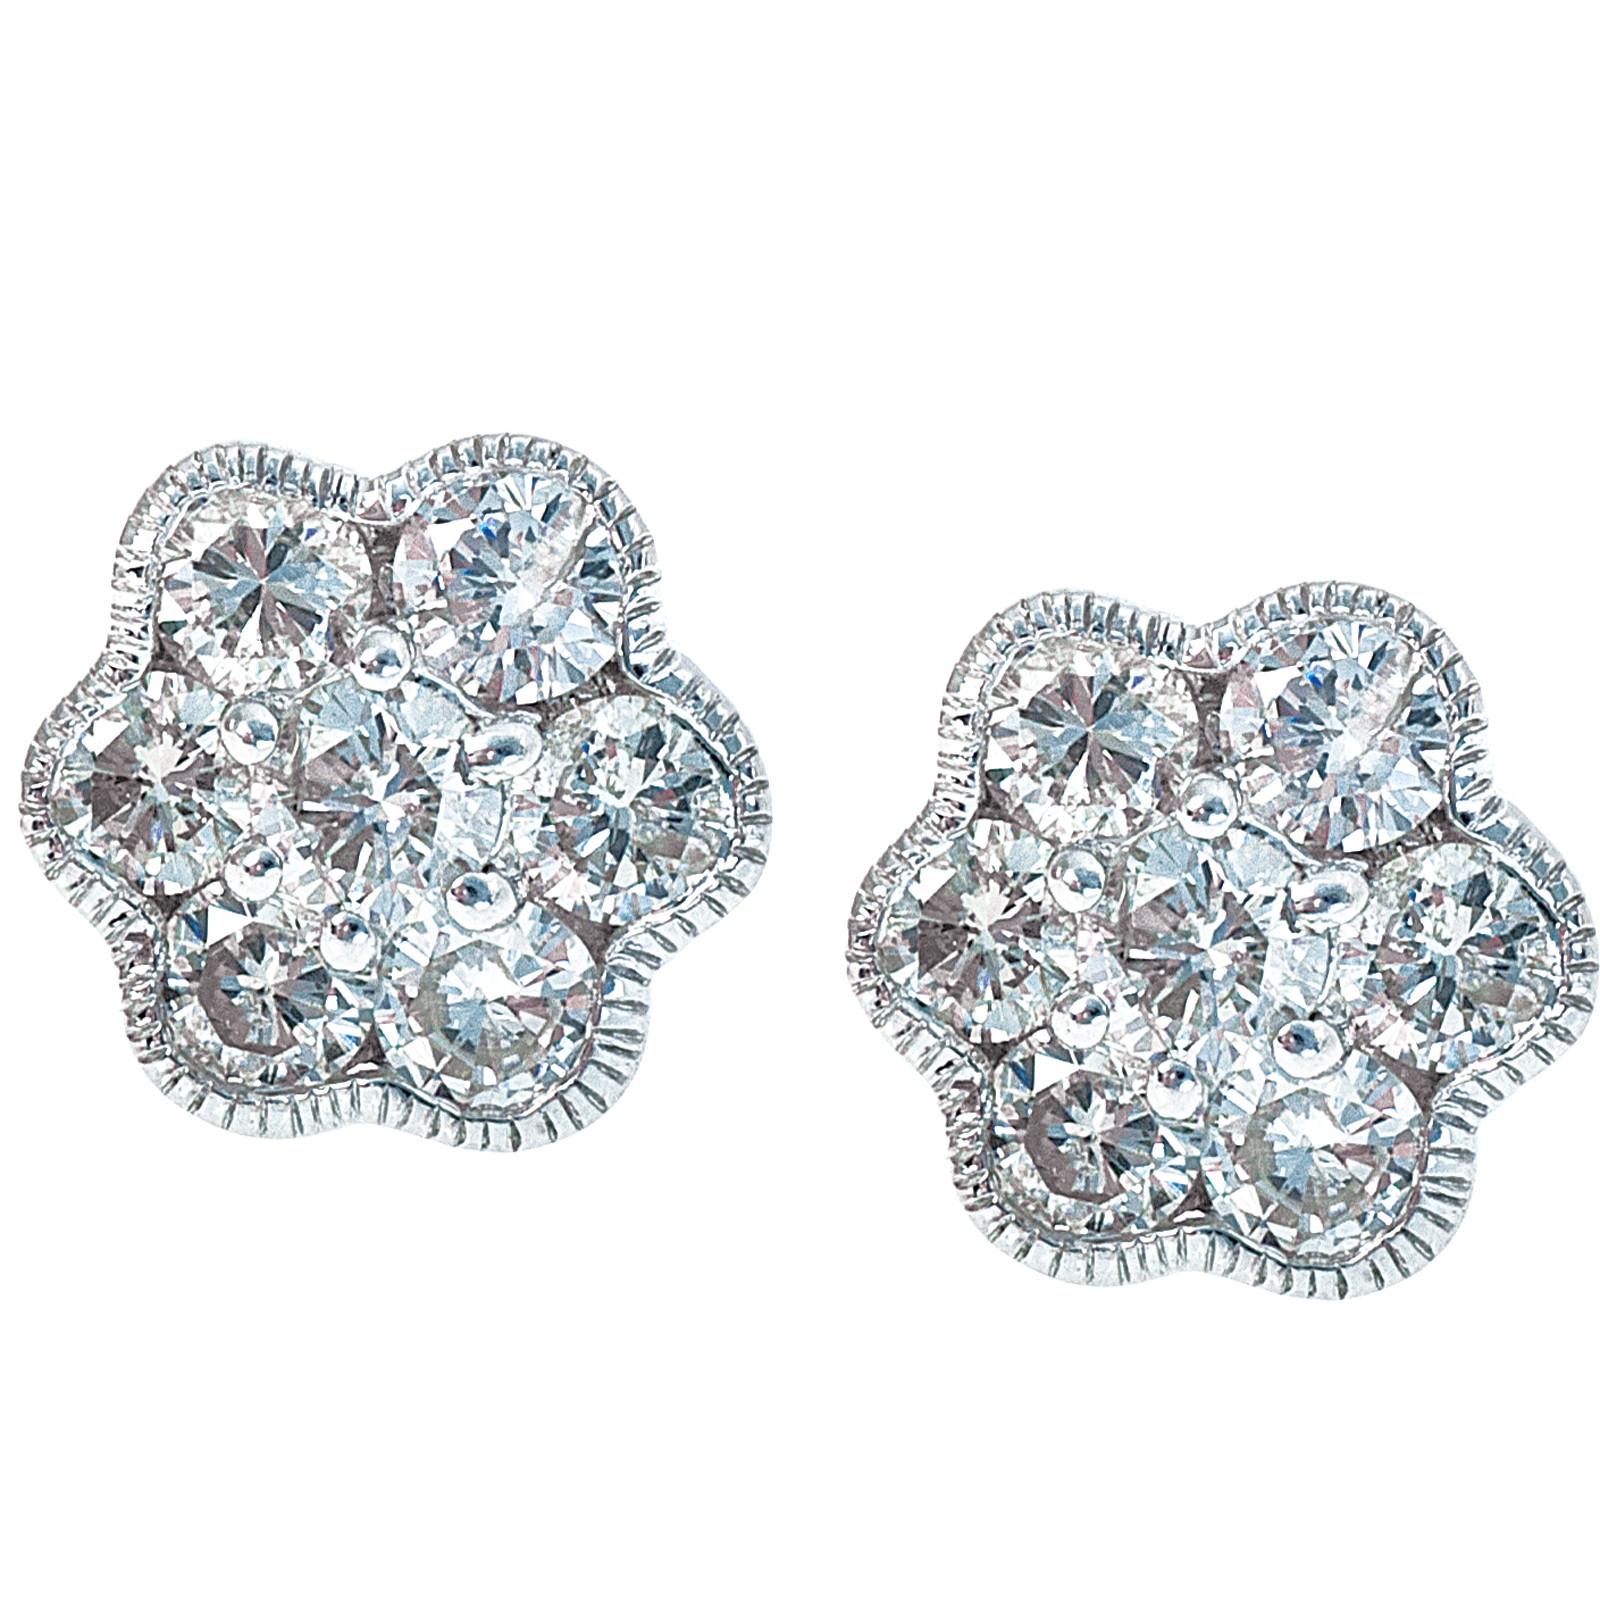 Vintage 1.26 CTW Diamond Stud Earrings